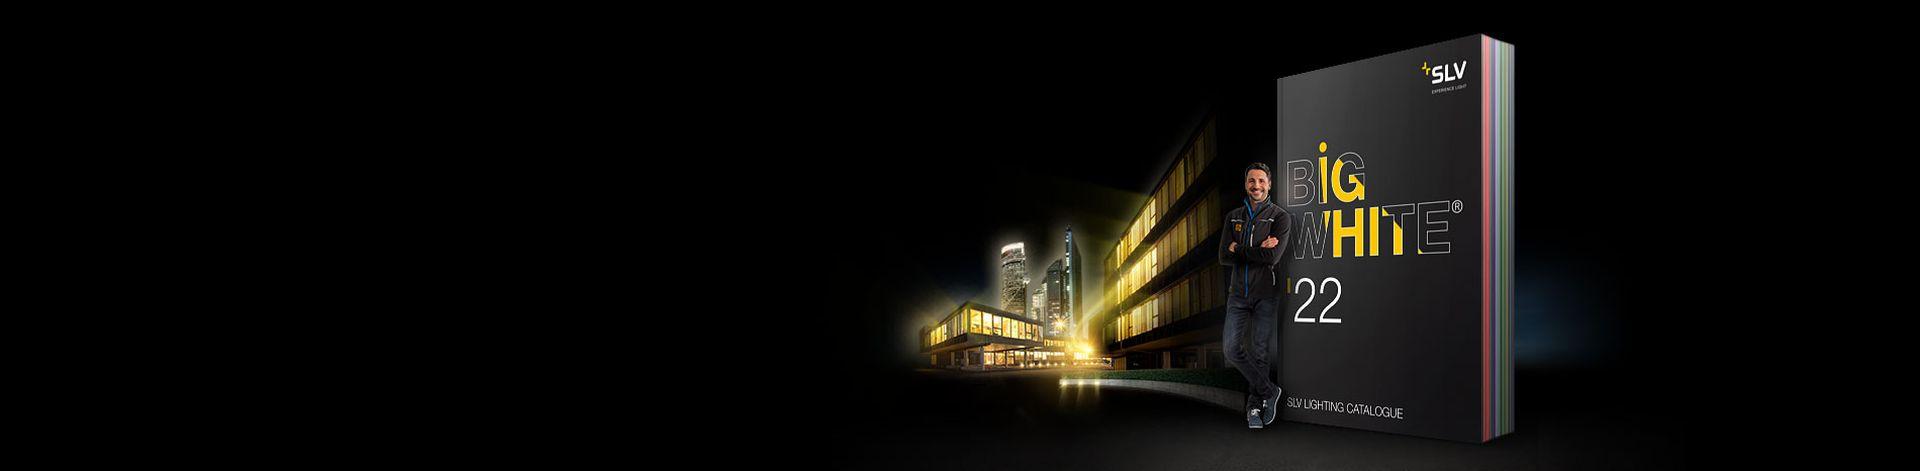 Leuchten & Lampen in Top Qualitt vom Leuchten Profi